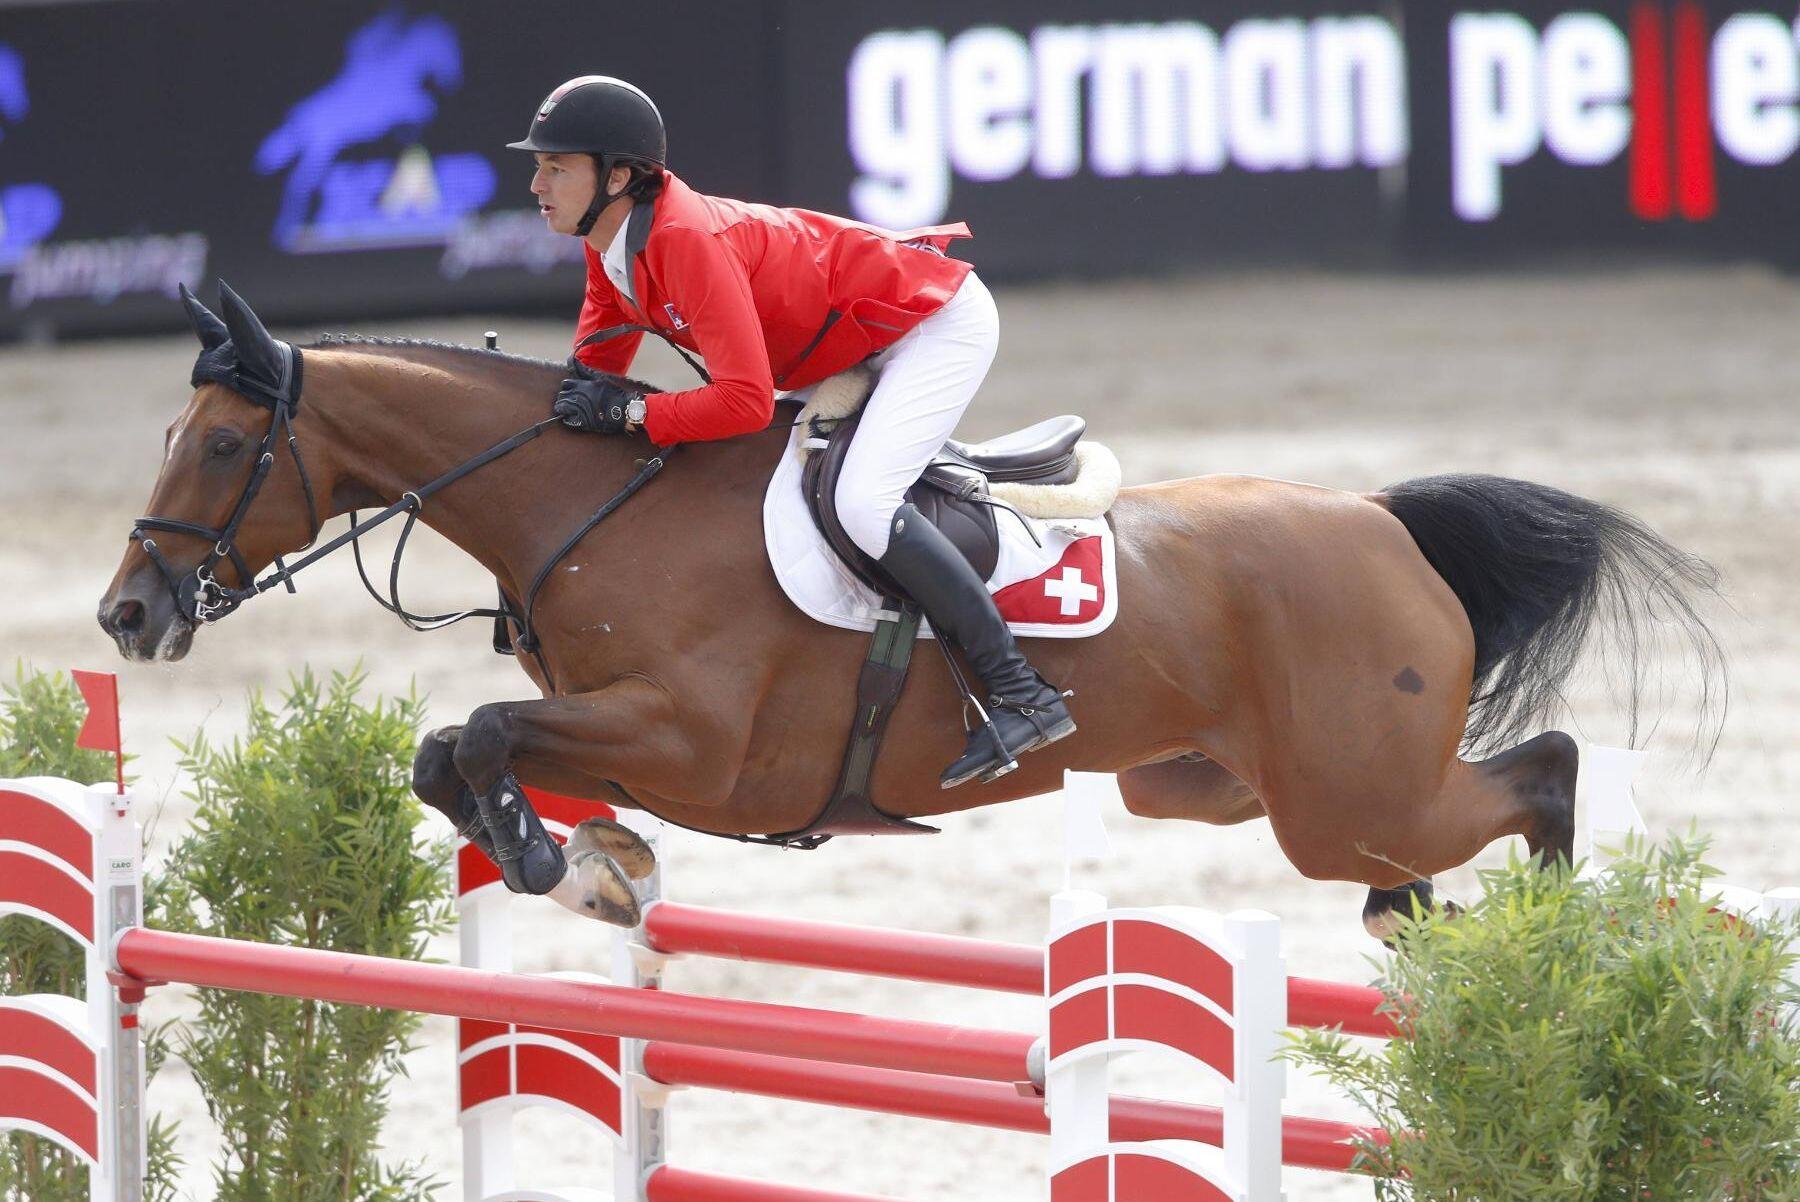 OS-hästen Nino Des Buissonets, har varit framgångsrik på tävlingsbanorna. Embryot som kan bli hennes helsyskon kostade 26 000 euro på auktionen.